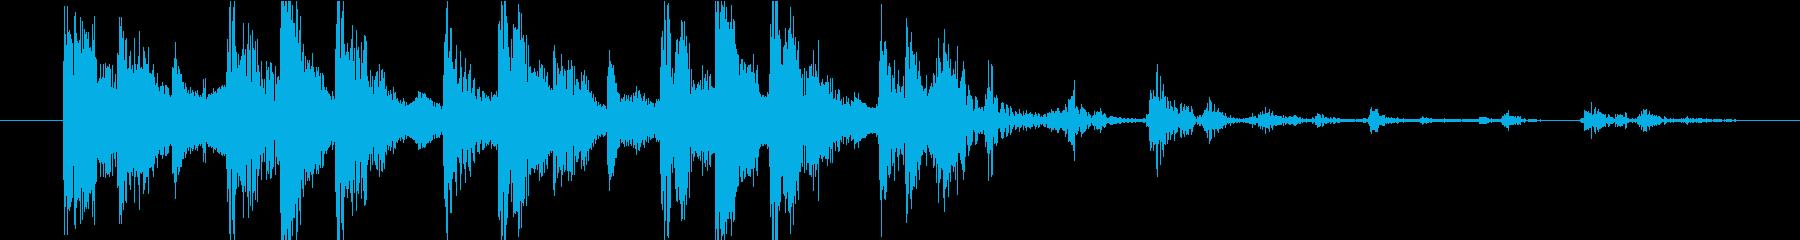 ファンキーなディープステップ/ダブ...の再生済みの波形